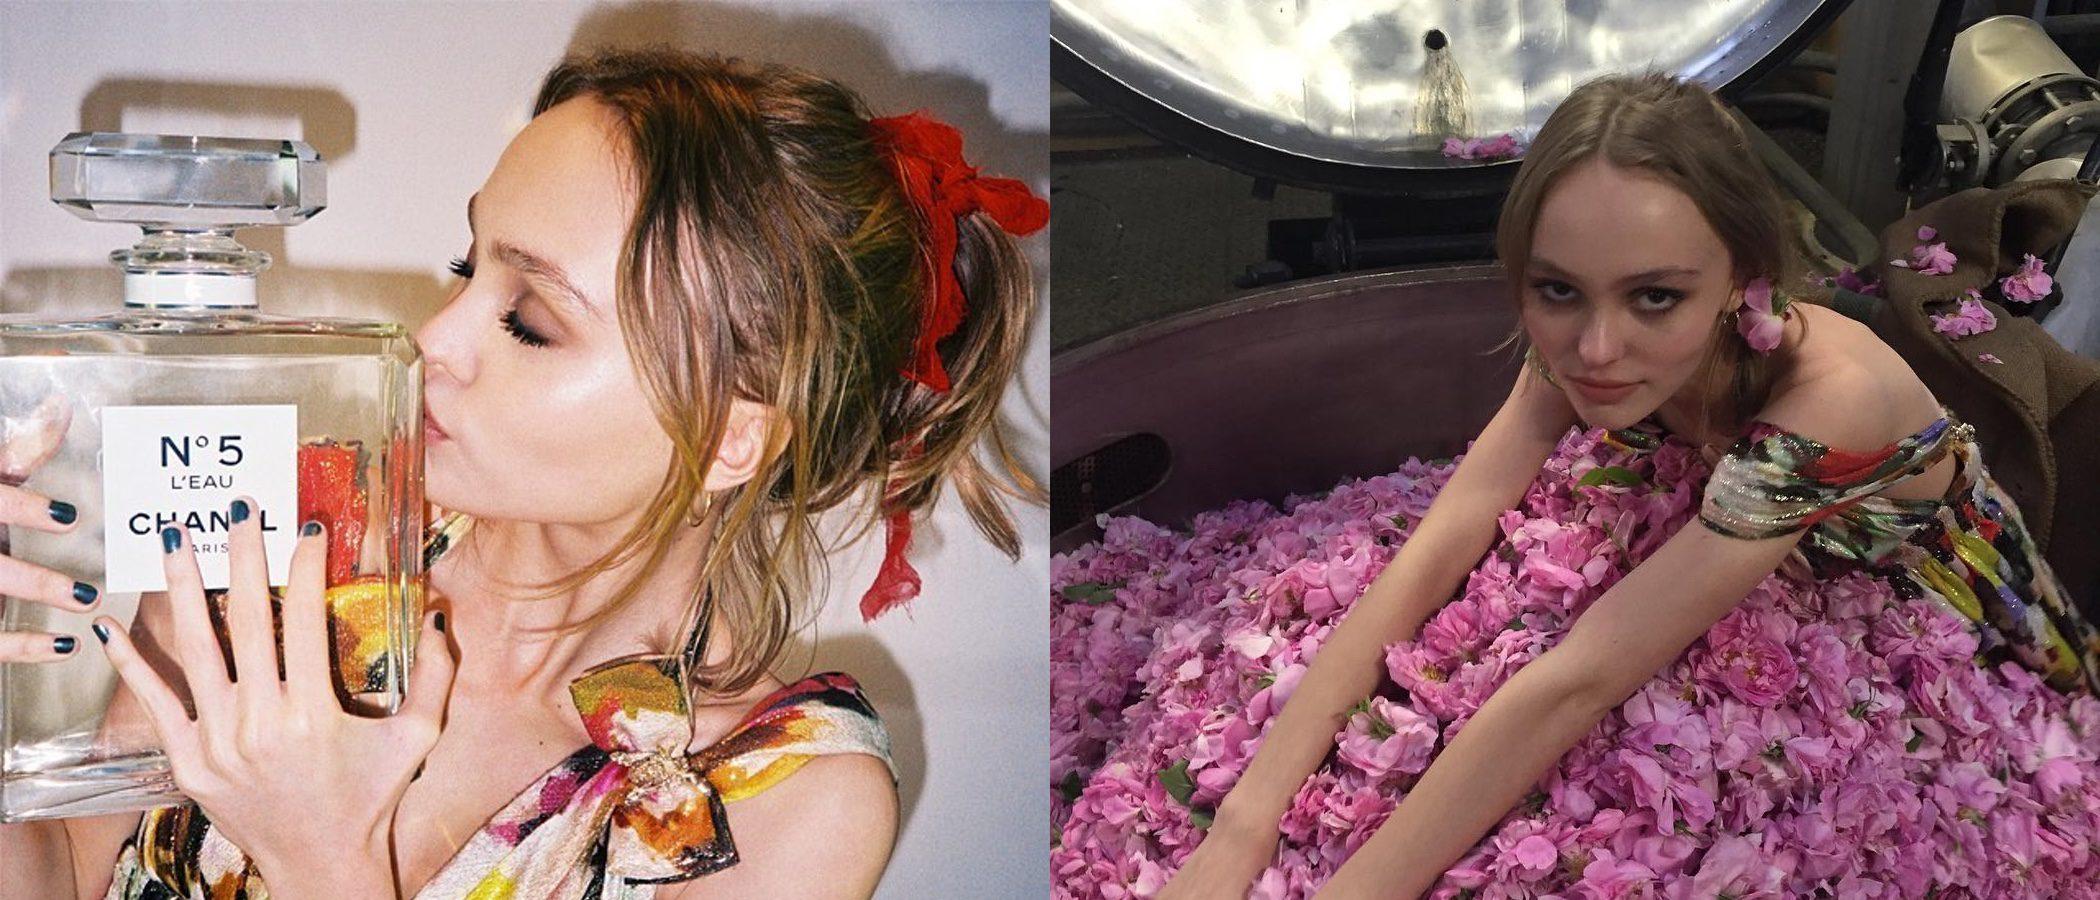 Primeras imágenes de Lily-Rose Depp como nueva embajadora de 'Chanel nº5'